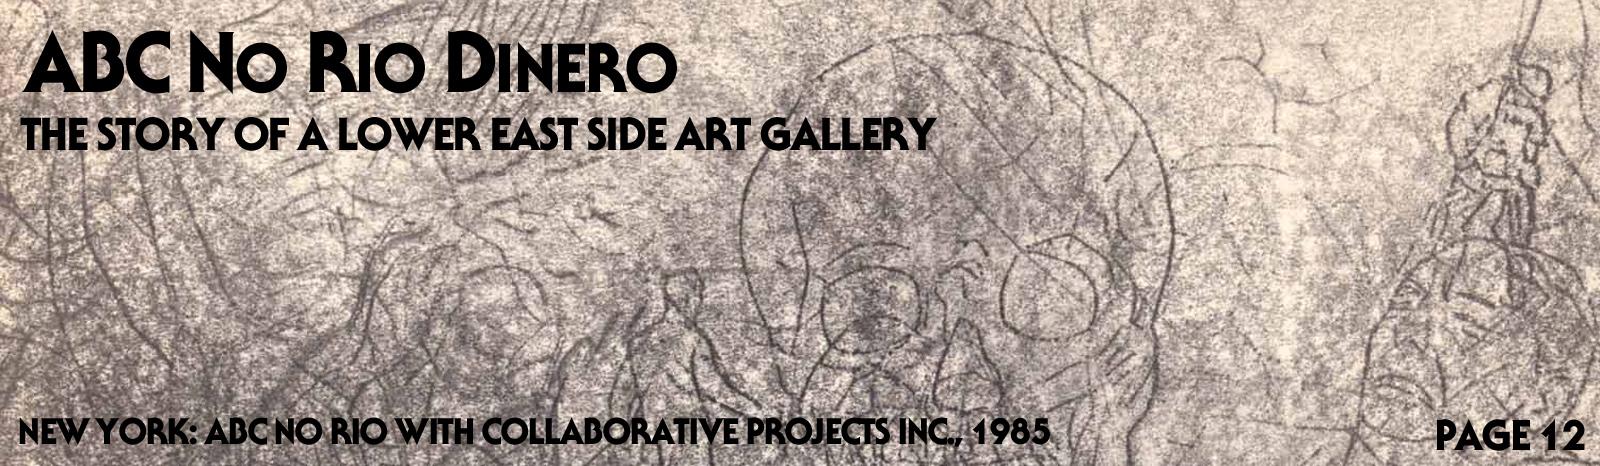 abc-no-rio-page-cover-12.jpg